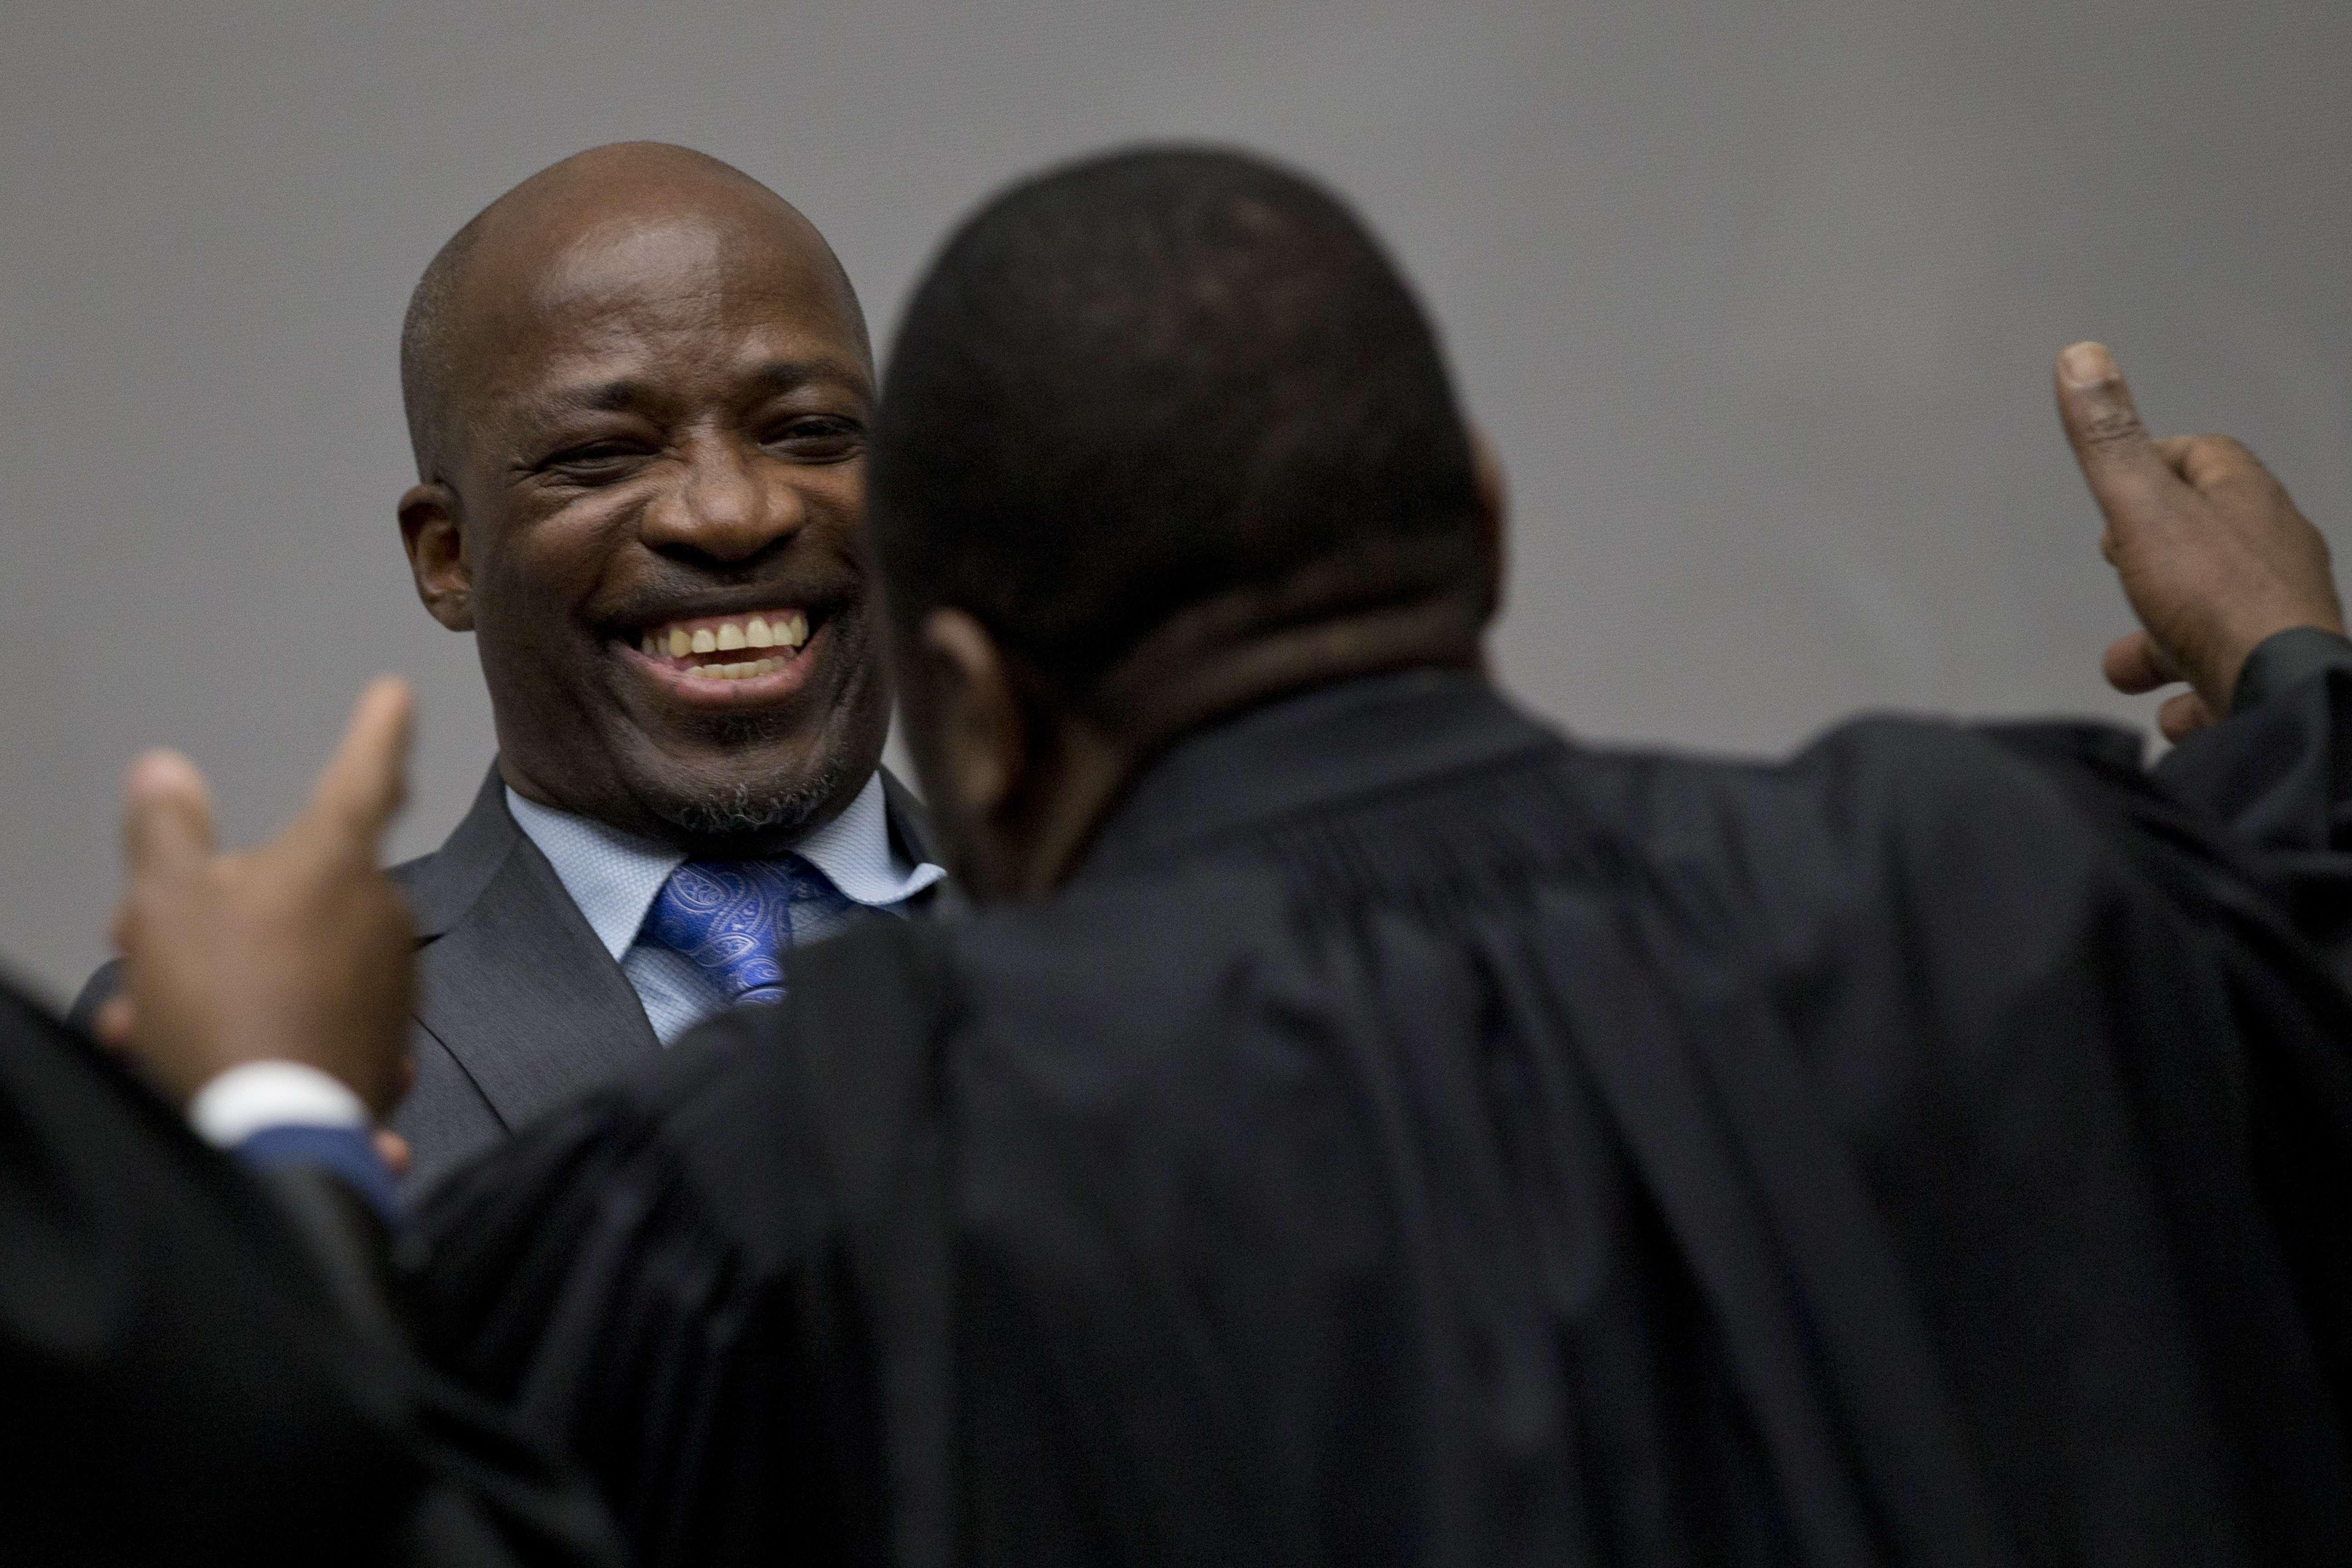 Charles Blé Goudé prend son équipe juridique dans les bras alors que lui et l'ancien président de la Côte d'Ivoire, Laurent Gbagbo, entrent dans la salle d'audience de la Cour pénale internationale à La Haye, aux Pays-Bas, le mardi 15 janvier 2019.